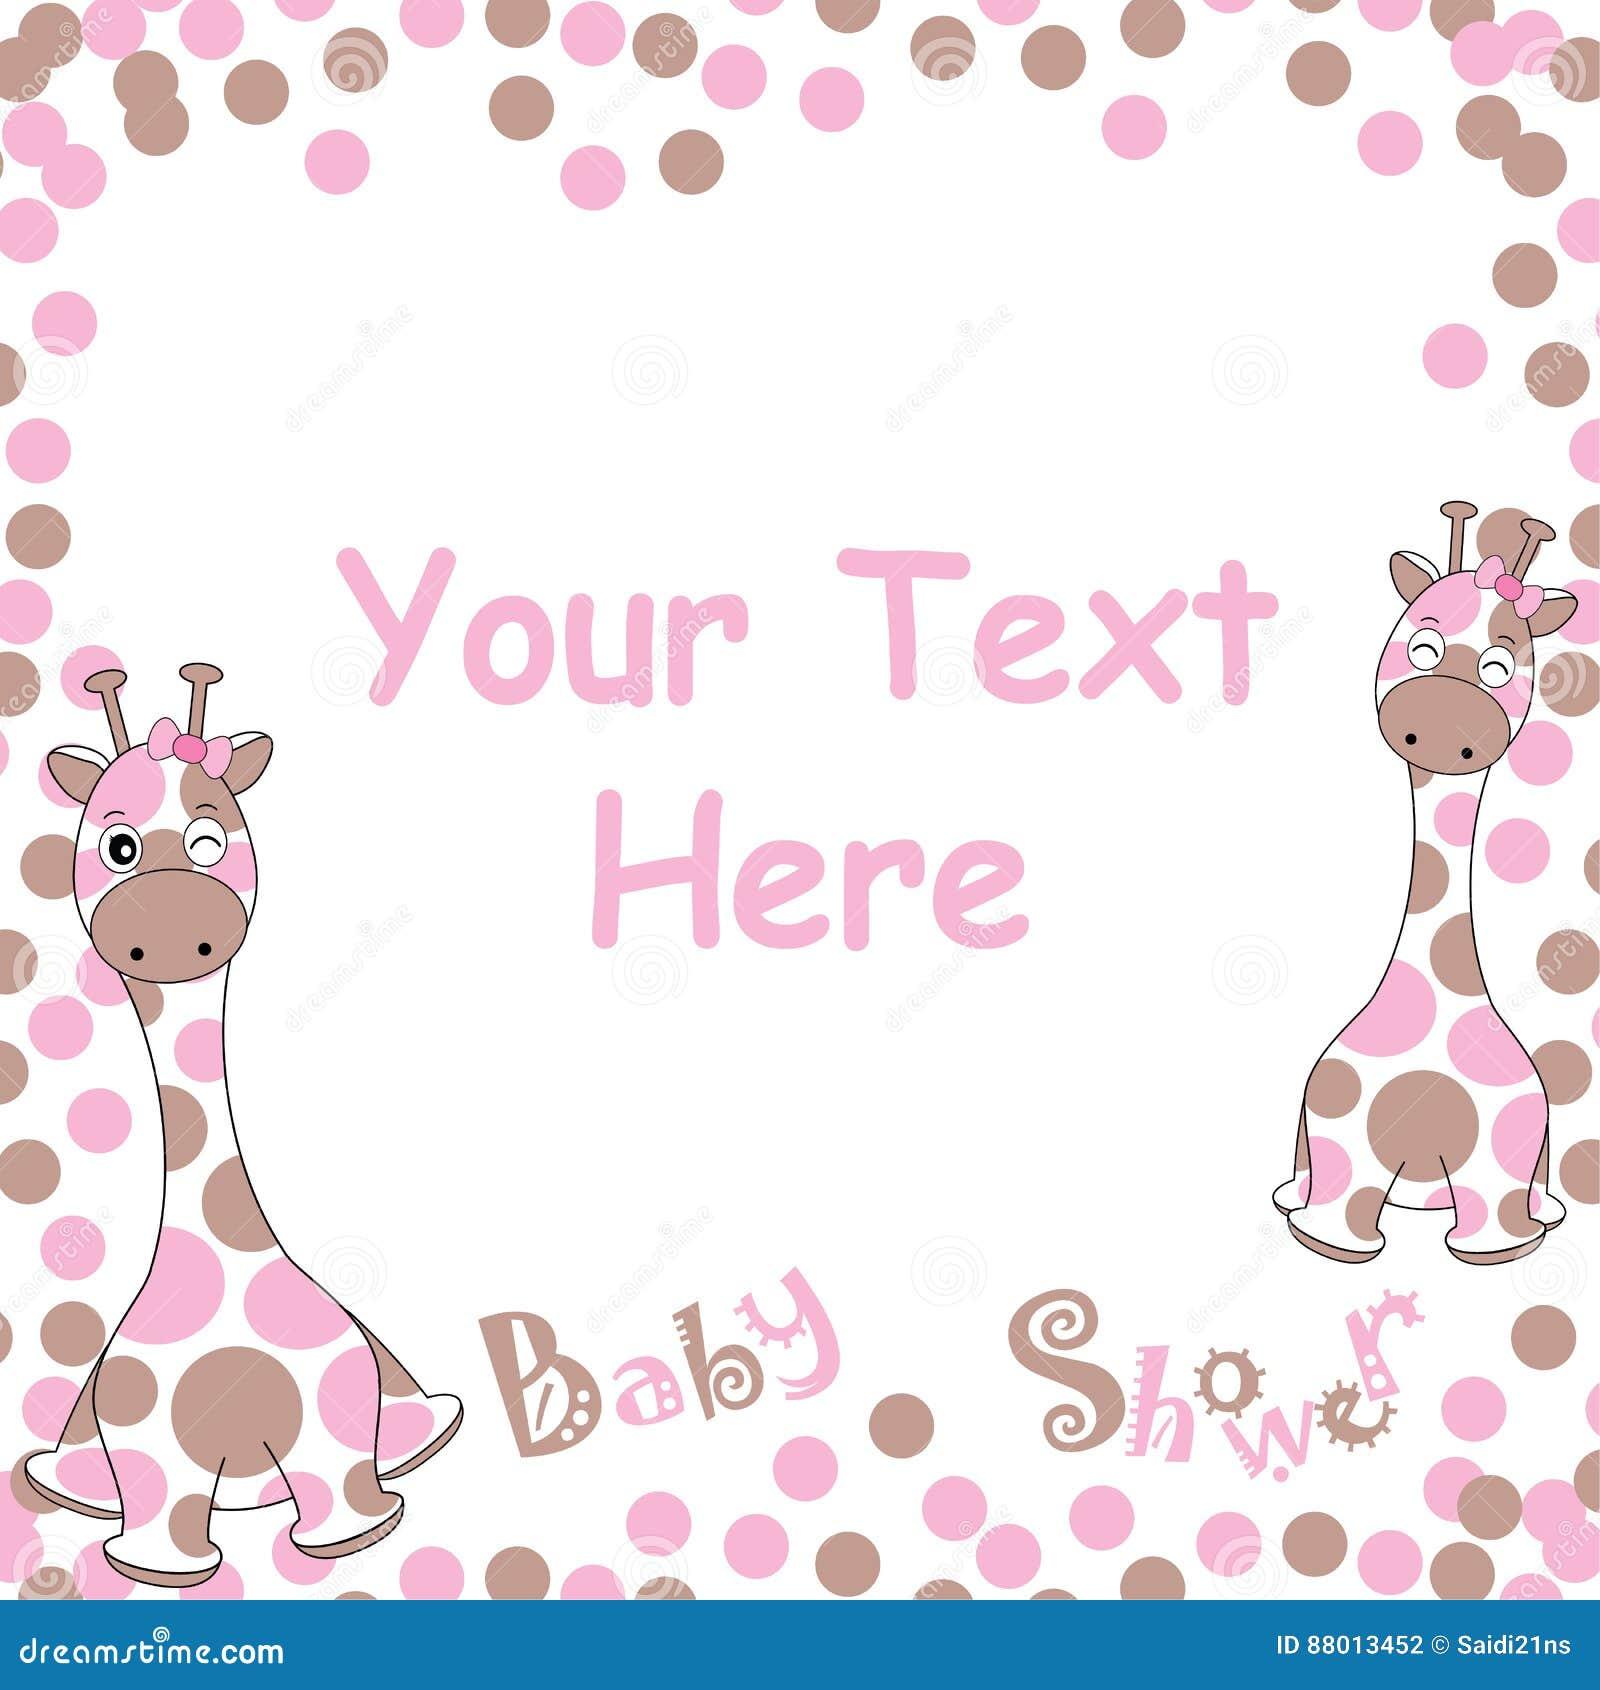 Babypartykarte mit netter Babygiraffe auf rosa Ballrahmen